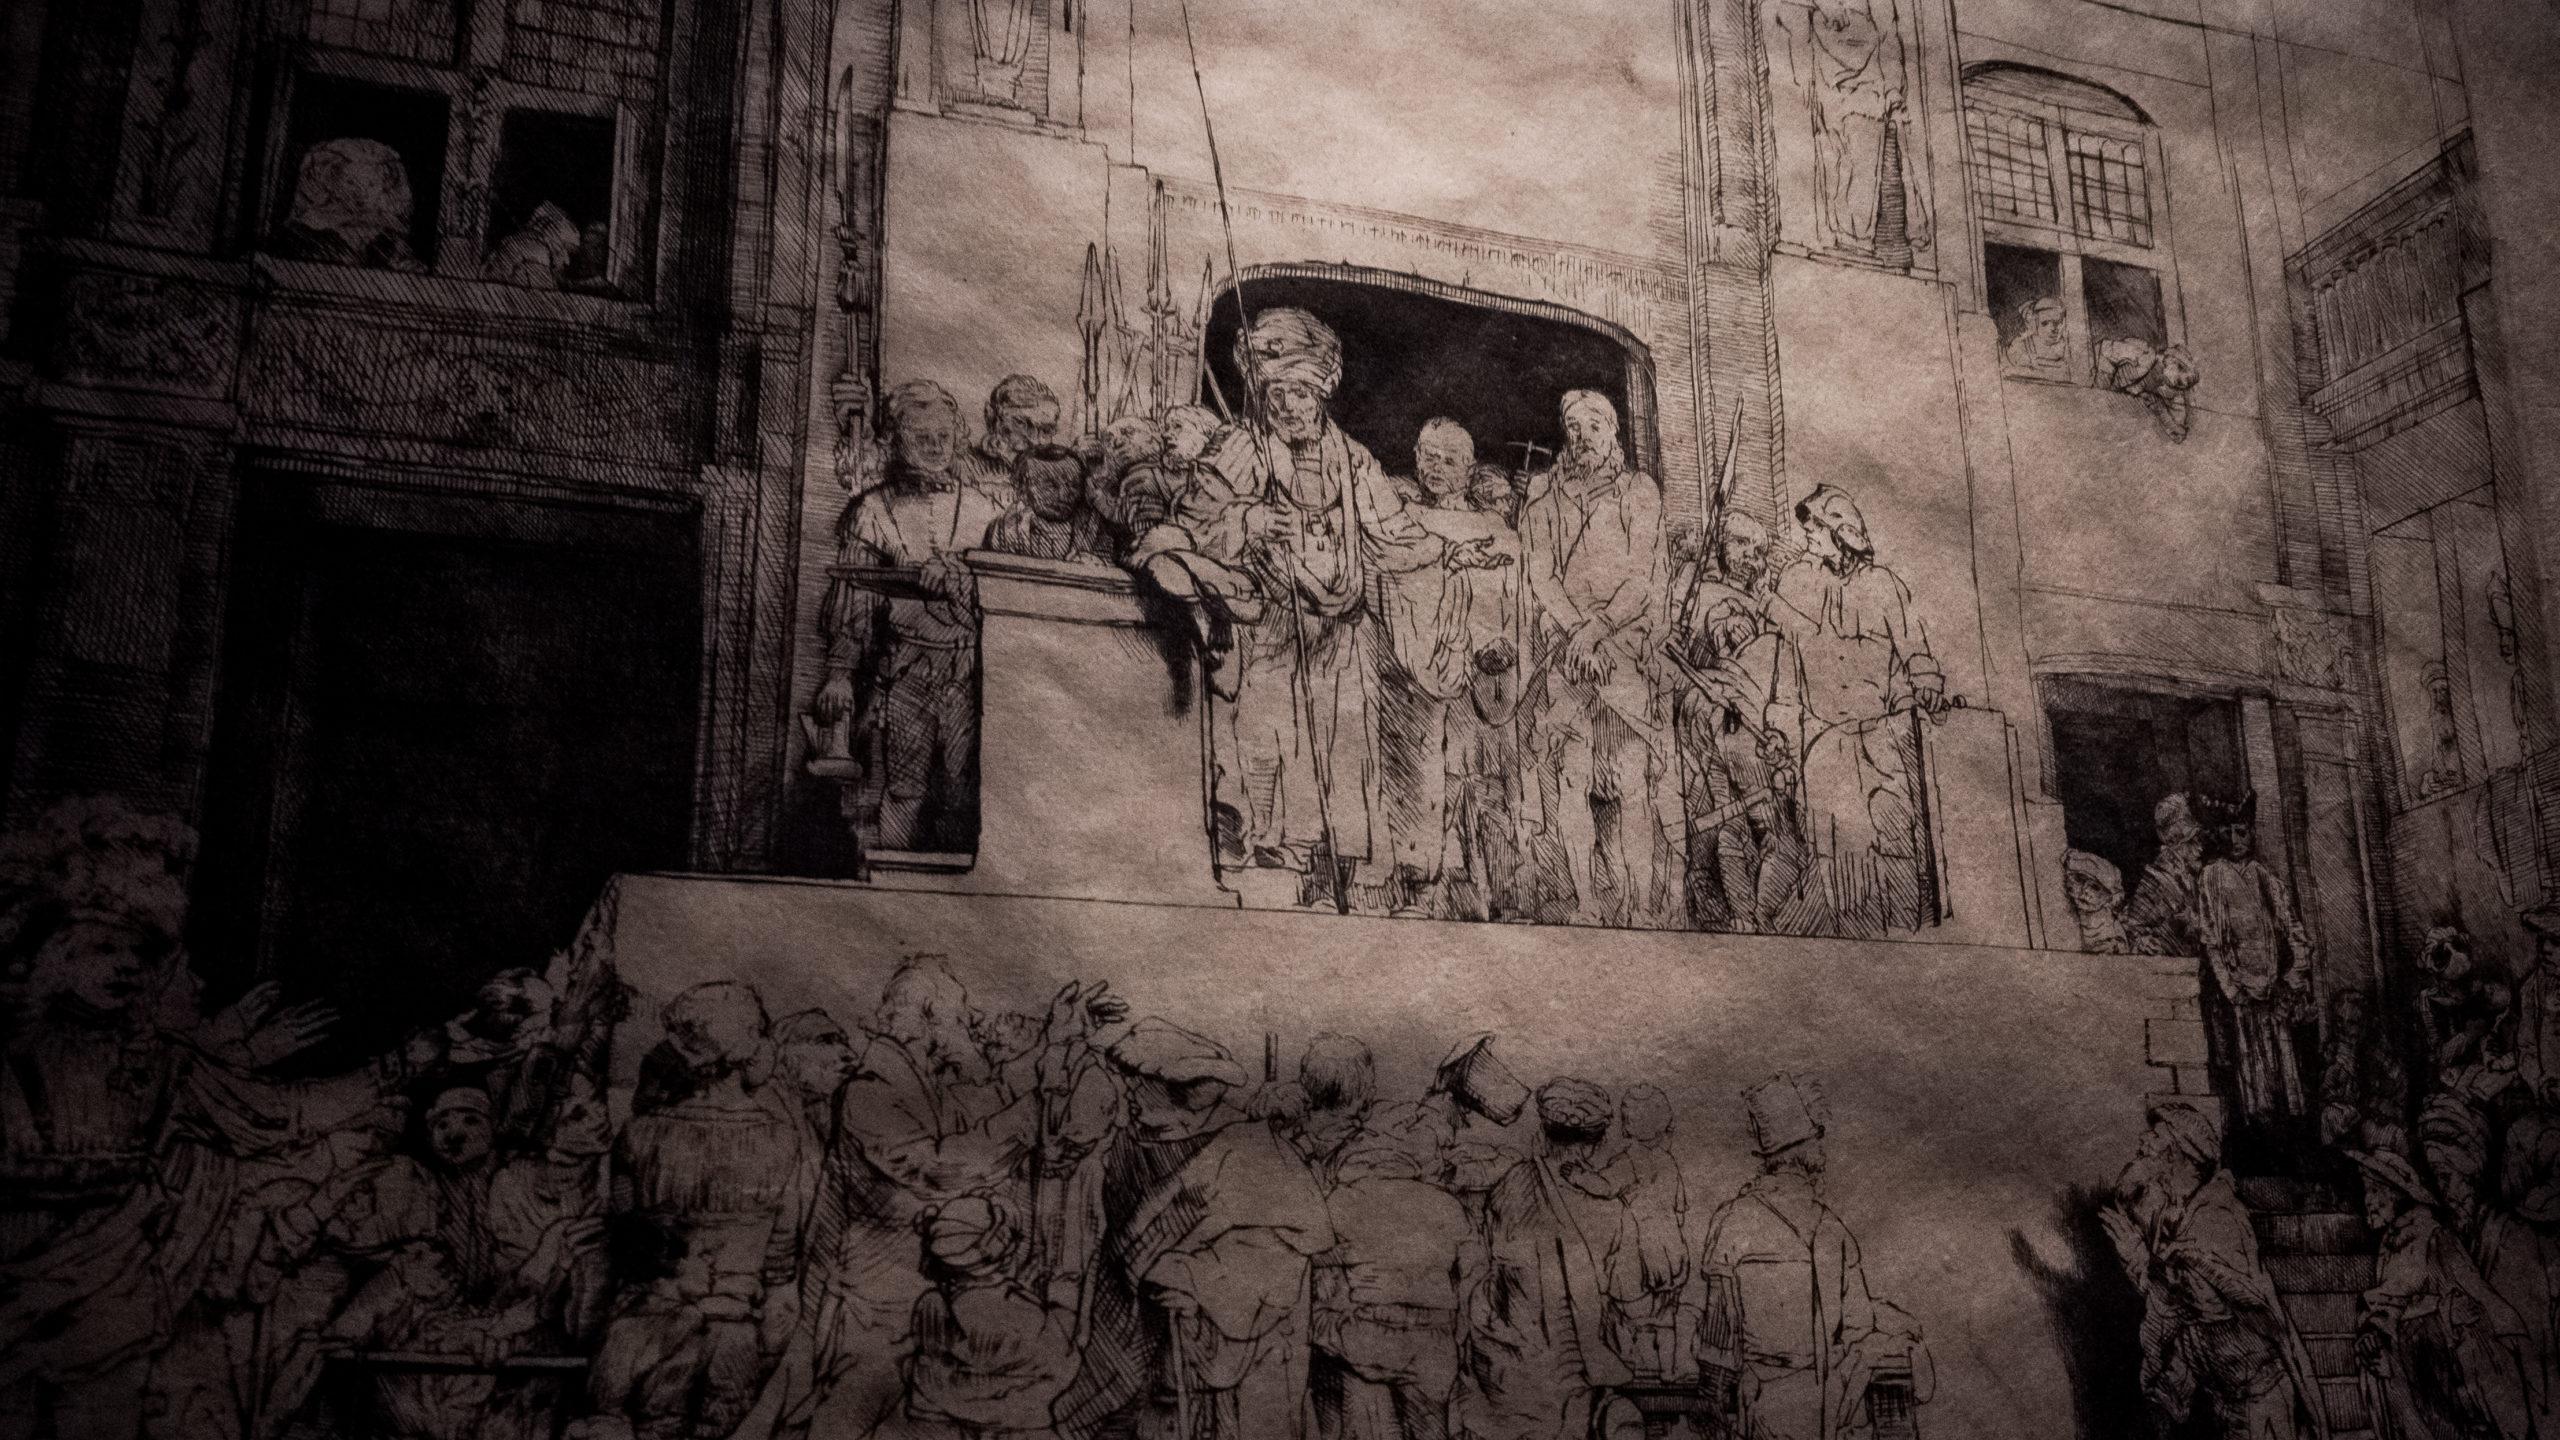 Esquisses du Musée de la Maison de Rembrandt